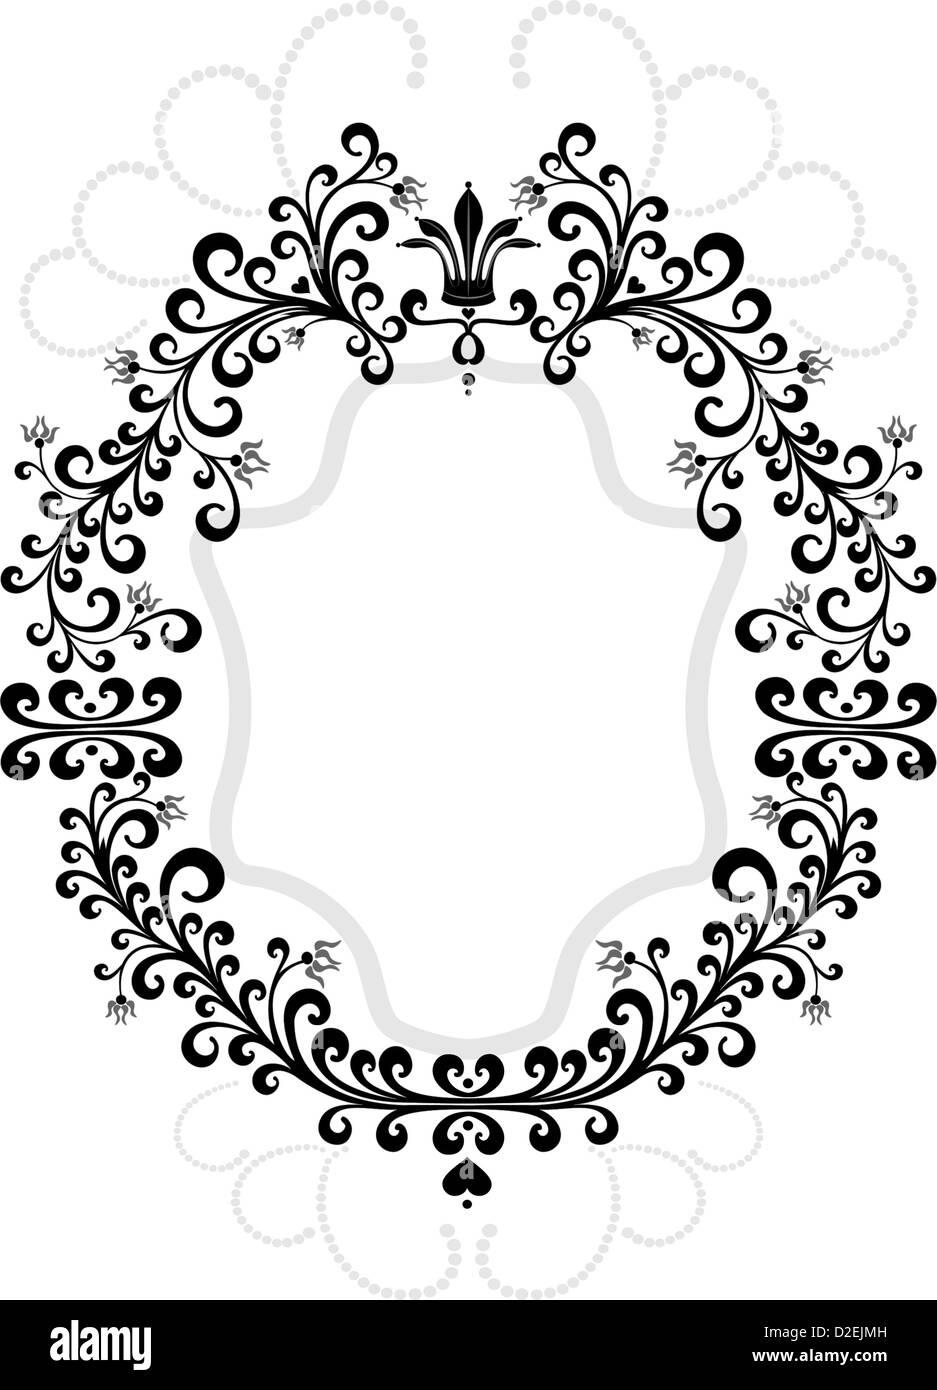 Rahmen der dekorativen Verzierung. Grafik. Stockbild